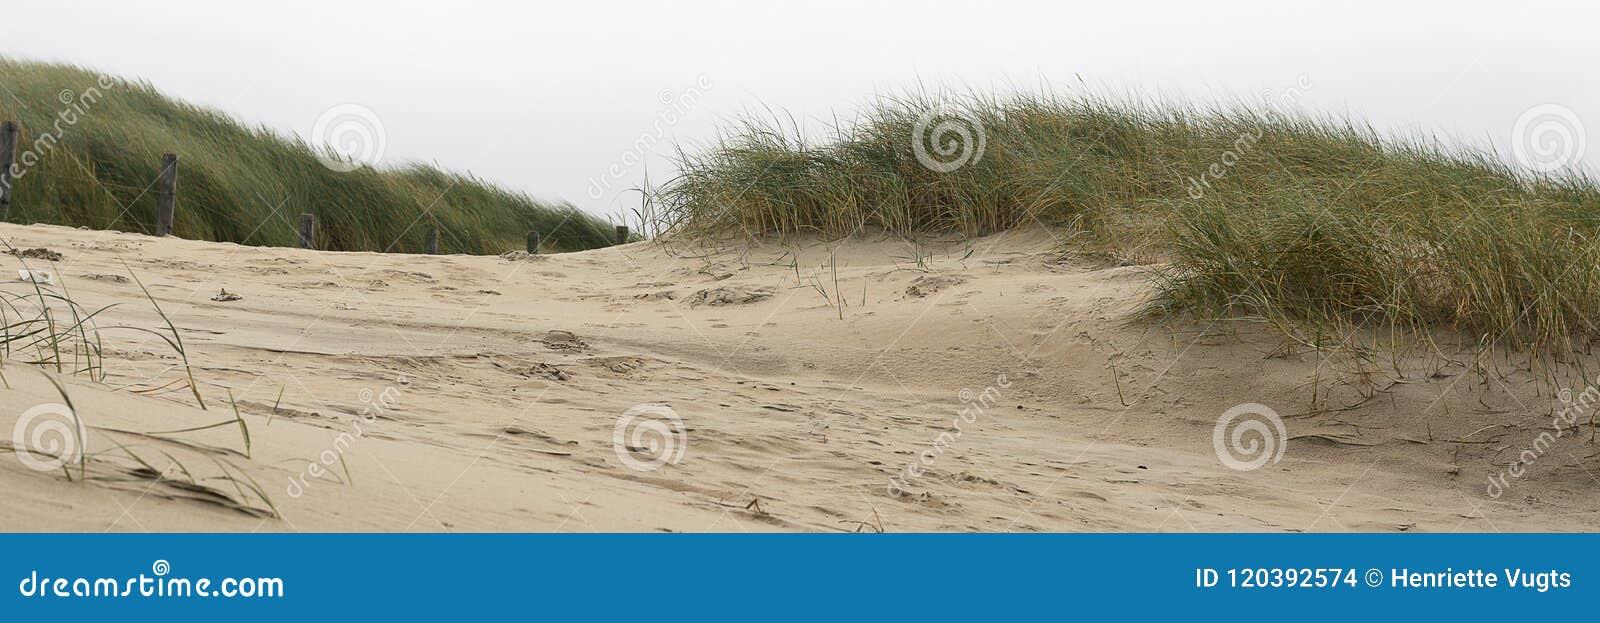 Vista sulle dune e sullo sparto pungente nella zona costiera alla costa ovest dei Paesi Bassi